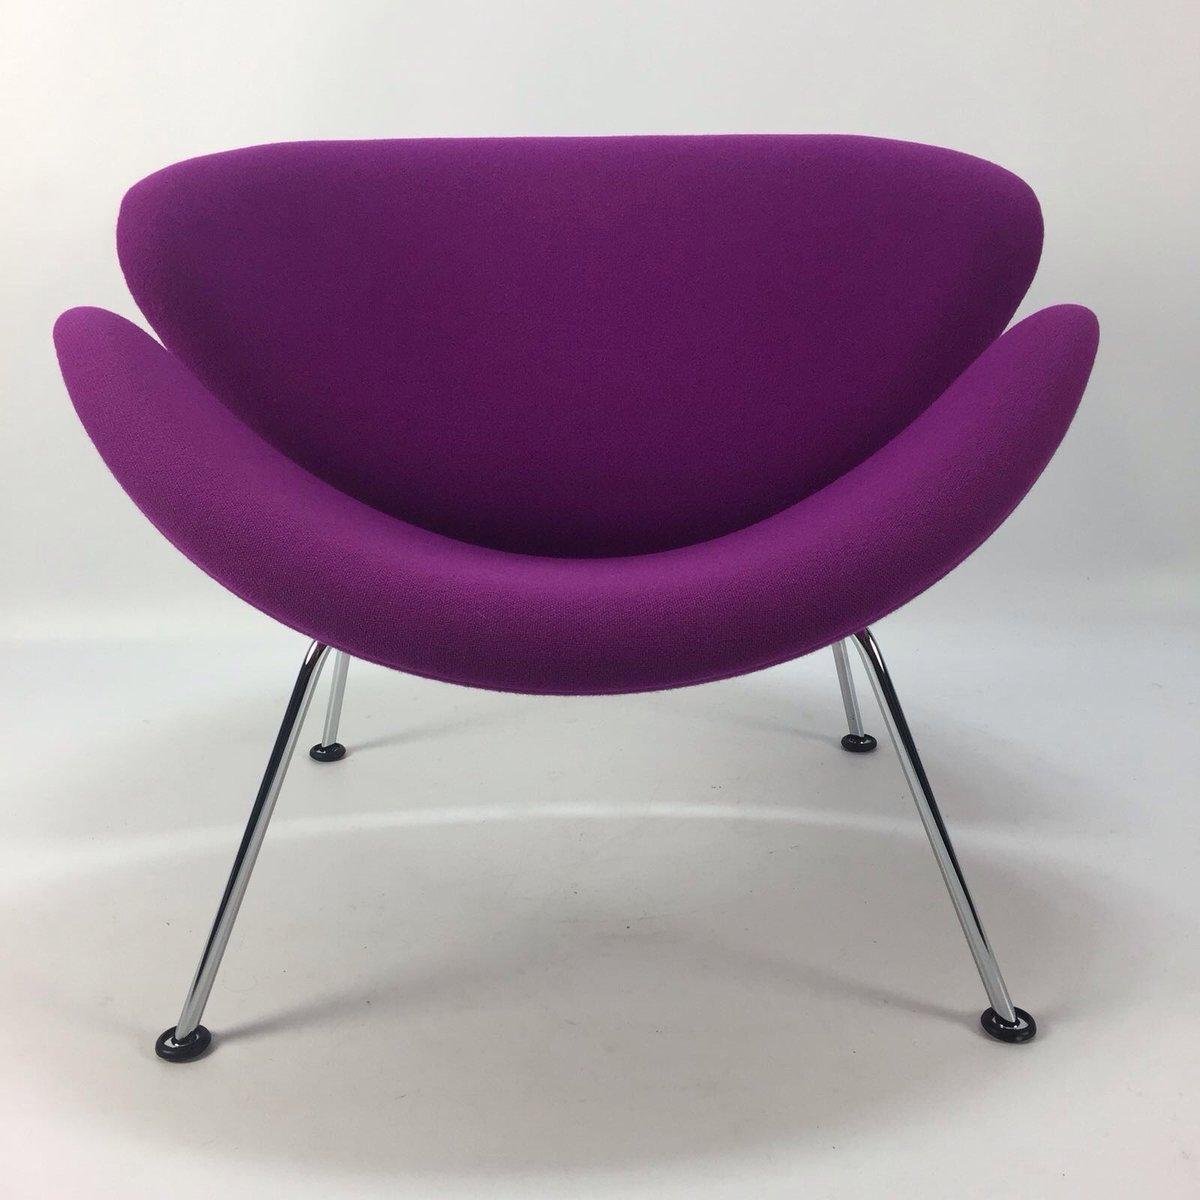 fauteuil ottomane orange slice par pierre paulin pour artifort 1960s en vente sur pamono. Black Bedroom Furniture Sets. Home Design Ideas